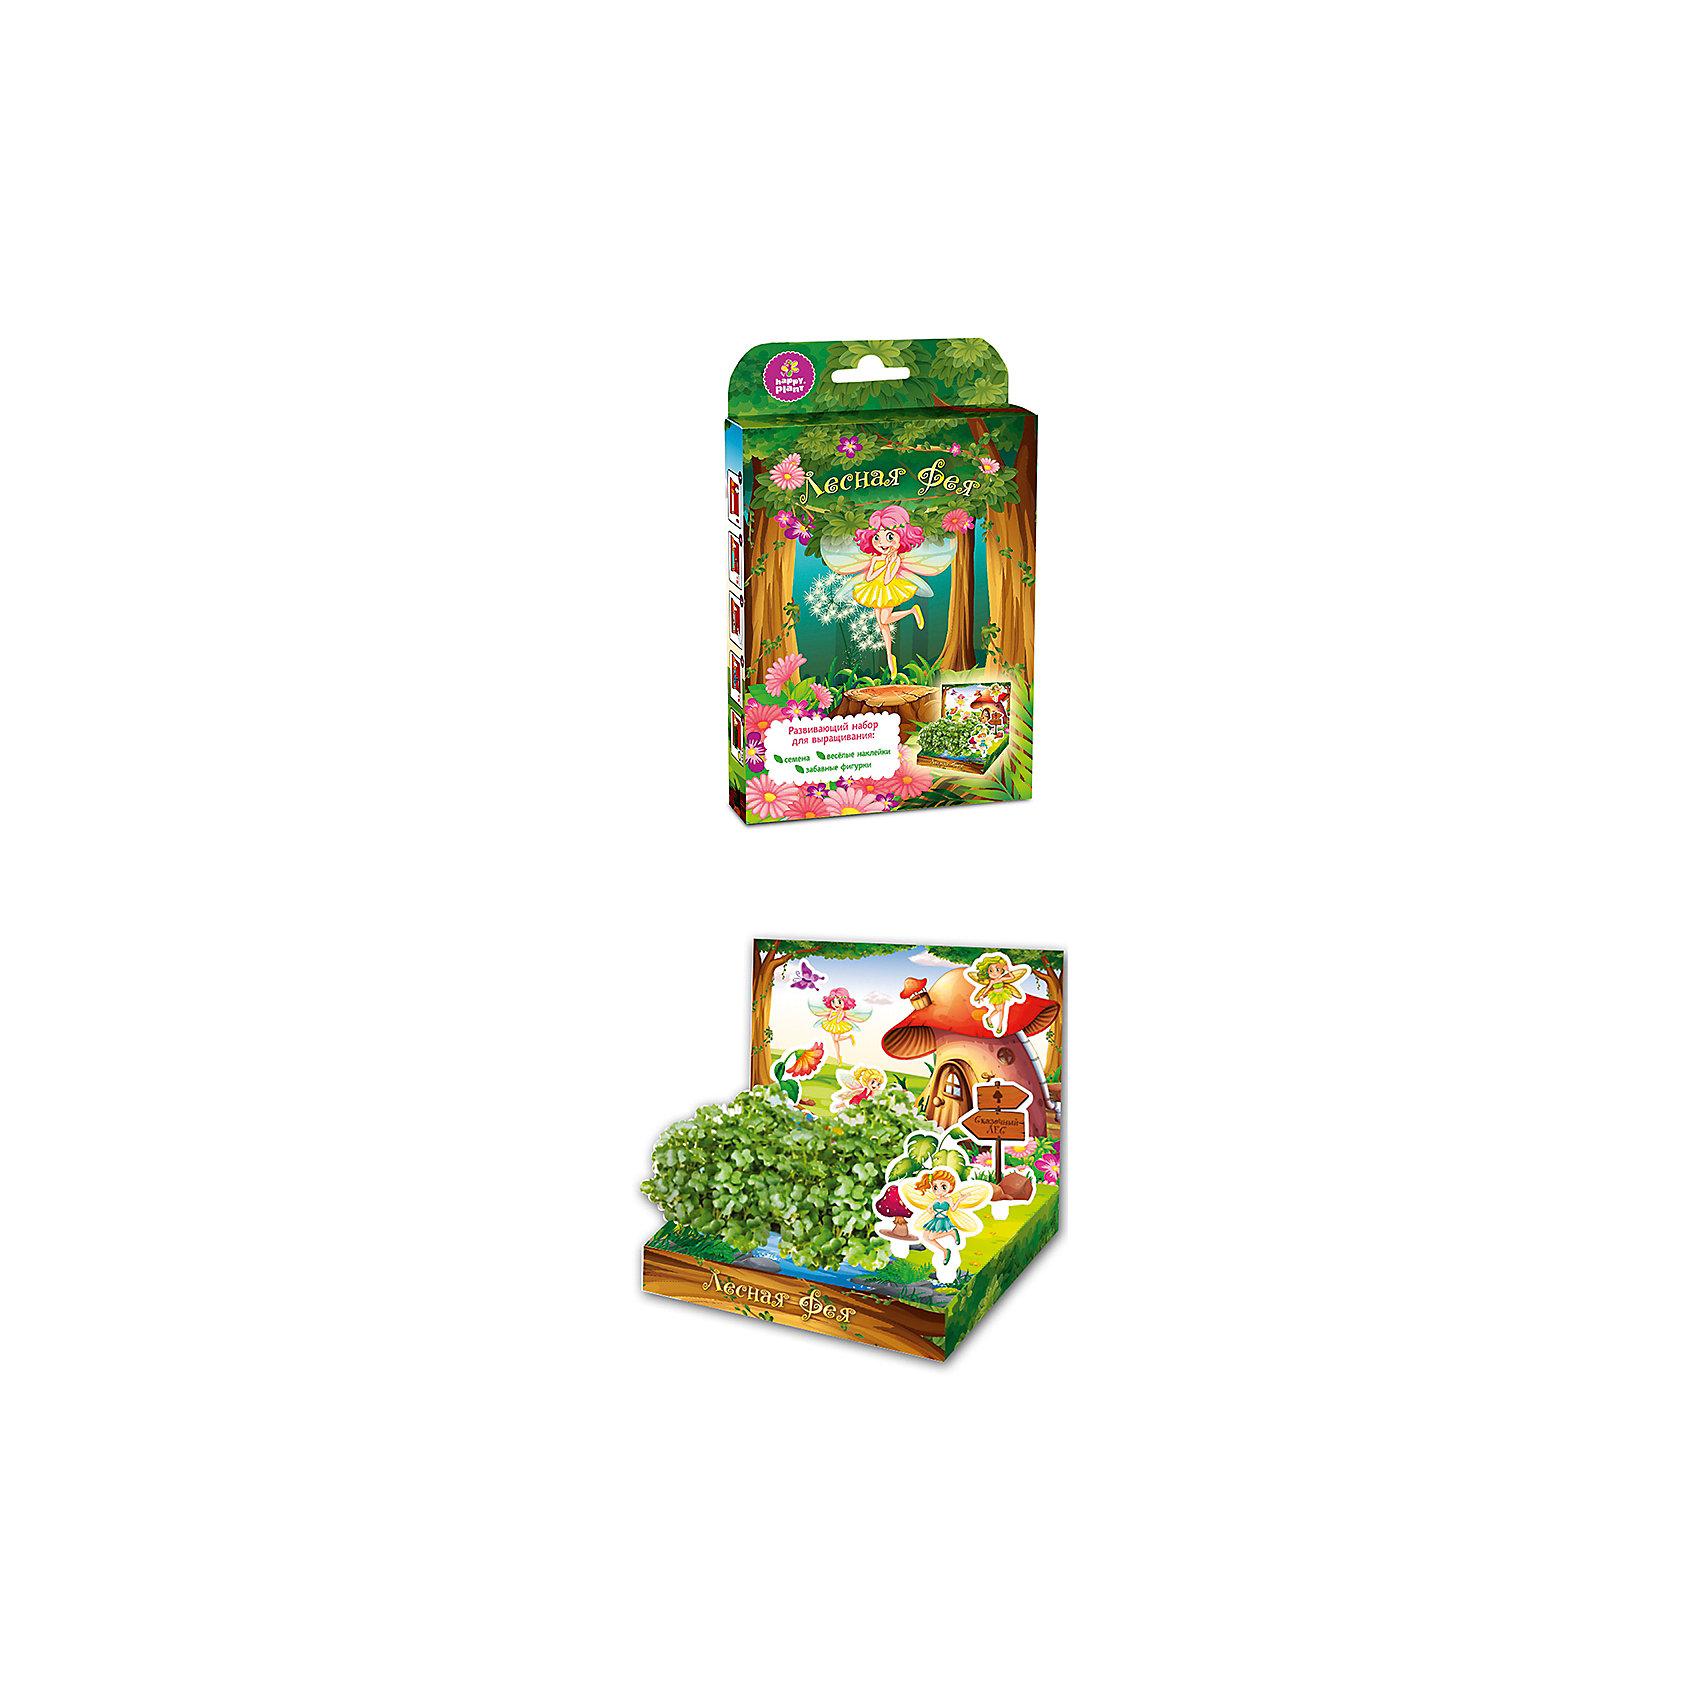 Набор для выращивания Живая открытка - Лесная Фея Happy PlantПодарочный набор Живая открытка Лесная фея, Happy Plant.<br><br>Характеристики:<br><br>• ребенок сможет самостоятельно украсить пейзаж травкой<br>• прост в использовании<br>• безопасен для ребенка<br>• яркий дизайн <br>• развивает внимательность и усидчивость<br>• в комплекте: открытка, 3 фигурки, емкость для растений, наклейки, агроткань, семена, инструкция<br>• размер упаковки: 13х8х2,5 см<br>• вес: 30 грамм<br>• материалы: бумага, картон, агроткань, семена<br><br>Набор Живая открытка Лесная фея идеально подойдет любителям экспериментов и живой природы. С его помощью ребенок сможет создать прекрасный живой пейзаж для волшебной феи. Процесс преображения очень прост. Нужно намочить агроткань, посадить семена и полить их. Поставьте открытку в теплое светлое место, и через несколько дней на ней вырастет настоящая травка. Это набор станет прекрасным подарком любознательным экспериментаторам!<br><br>Подарочный набор Живая открытка Лесная фея, Happy Plant вы можете купить в нашем интернет-магазине.<br><br>Ширина мм: 175<br>Глубина мм: 115<br>Высота мм: 25<br>Вес г: 30<br>Возраст от месяцев: 168<br>Возраст до месяцев: 240<br>Пол: Женский<br>Возраст: Детский<br>SKU: 5053959